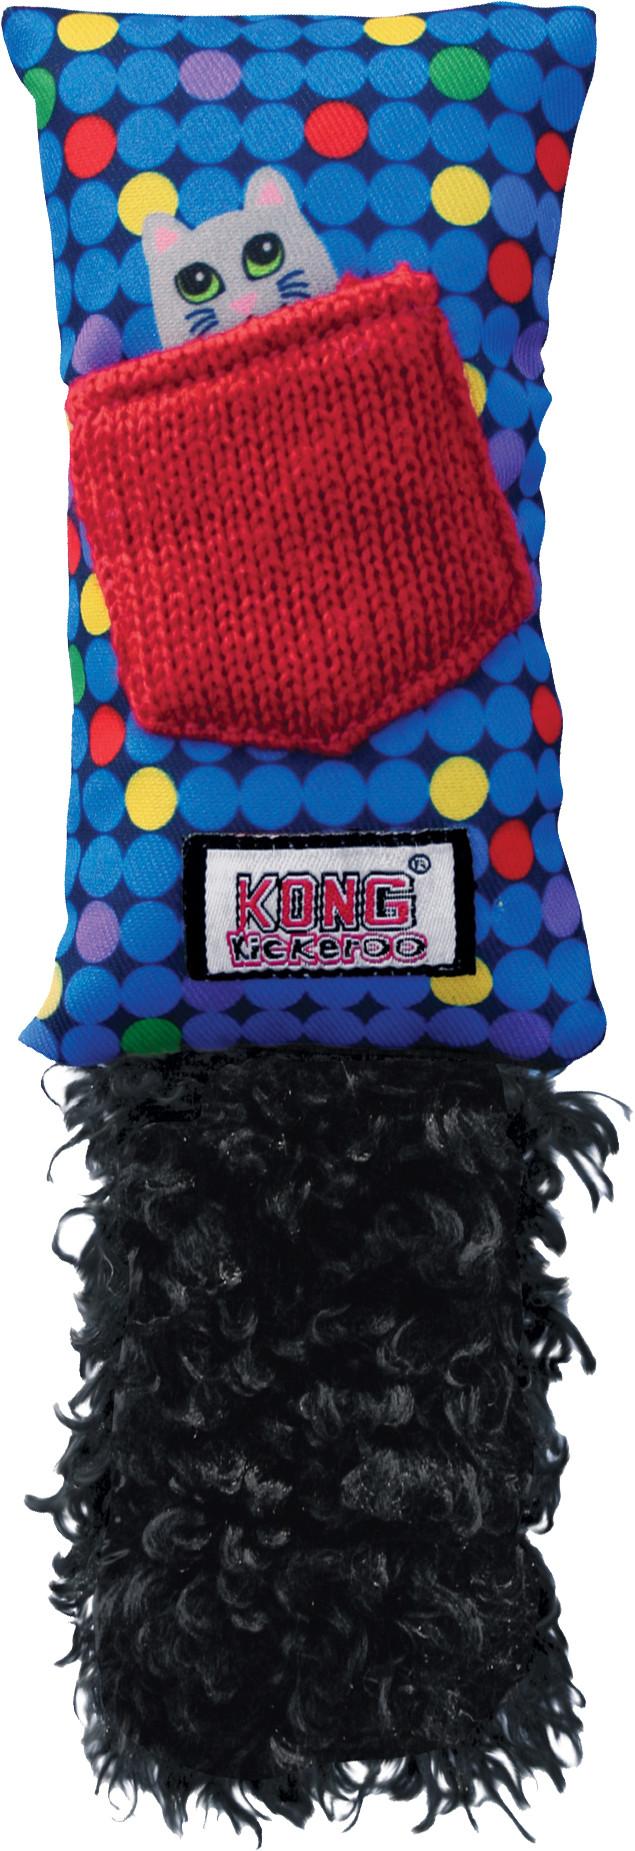 Kong Kickeroo met catnip assorti